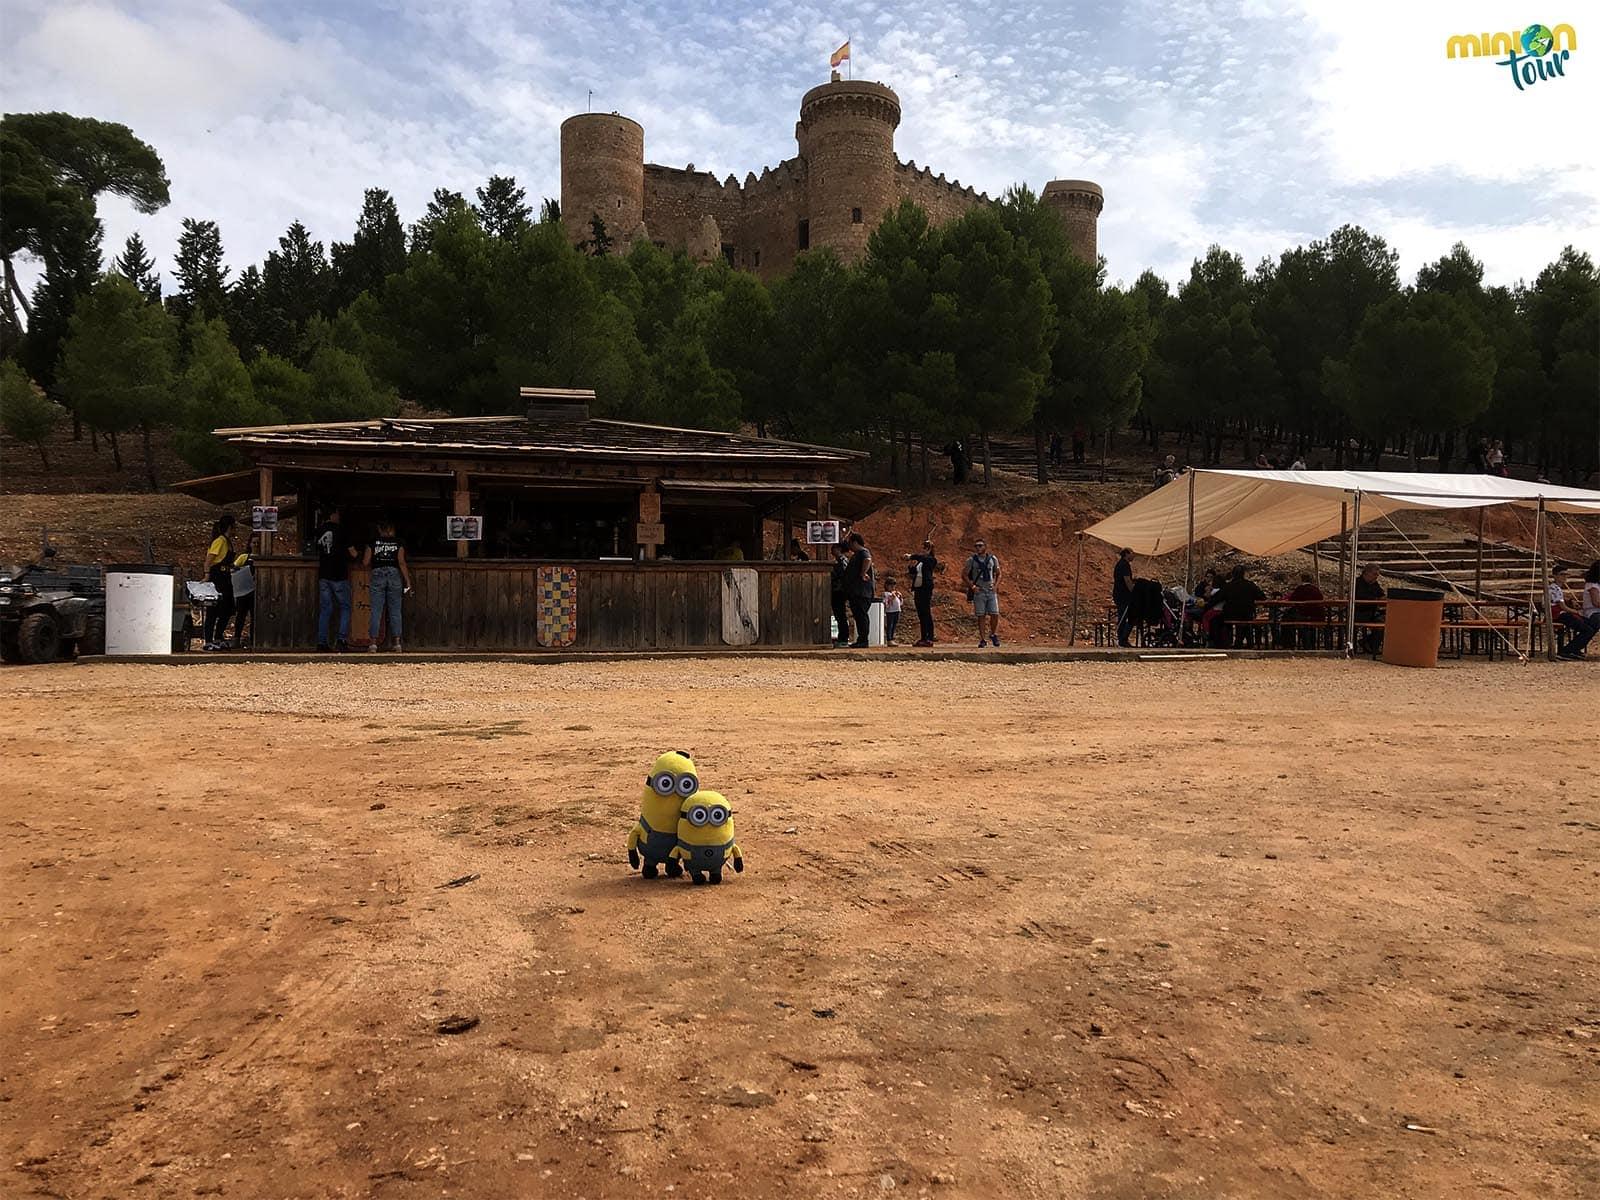 Observando el castillo durante el Combate Medieval de Belmonte